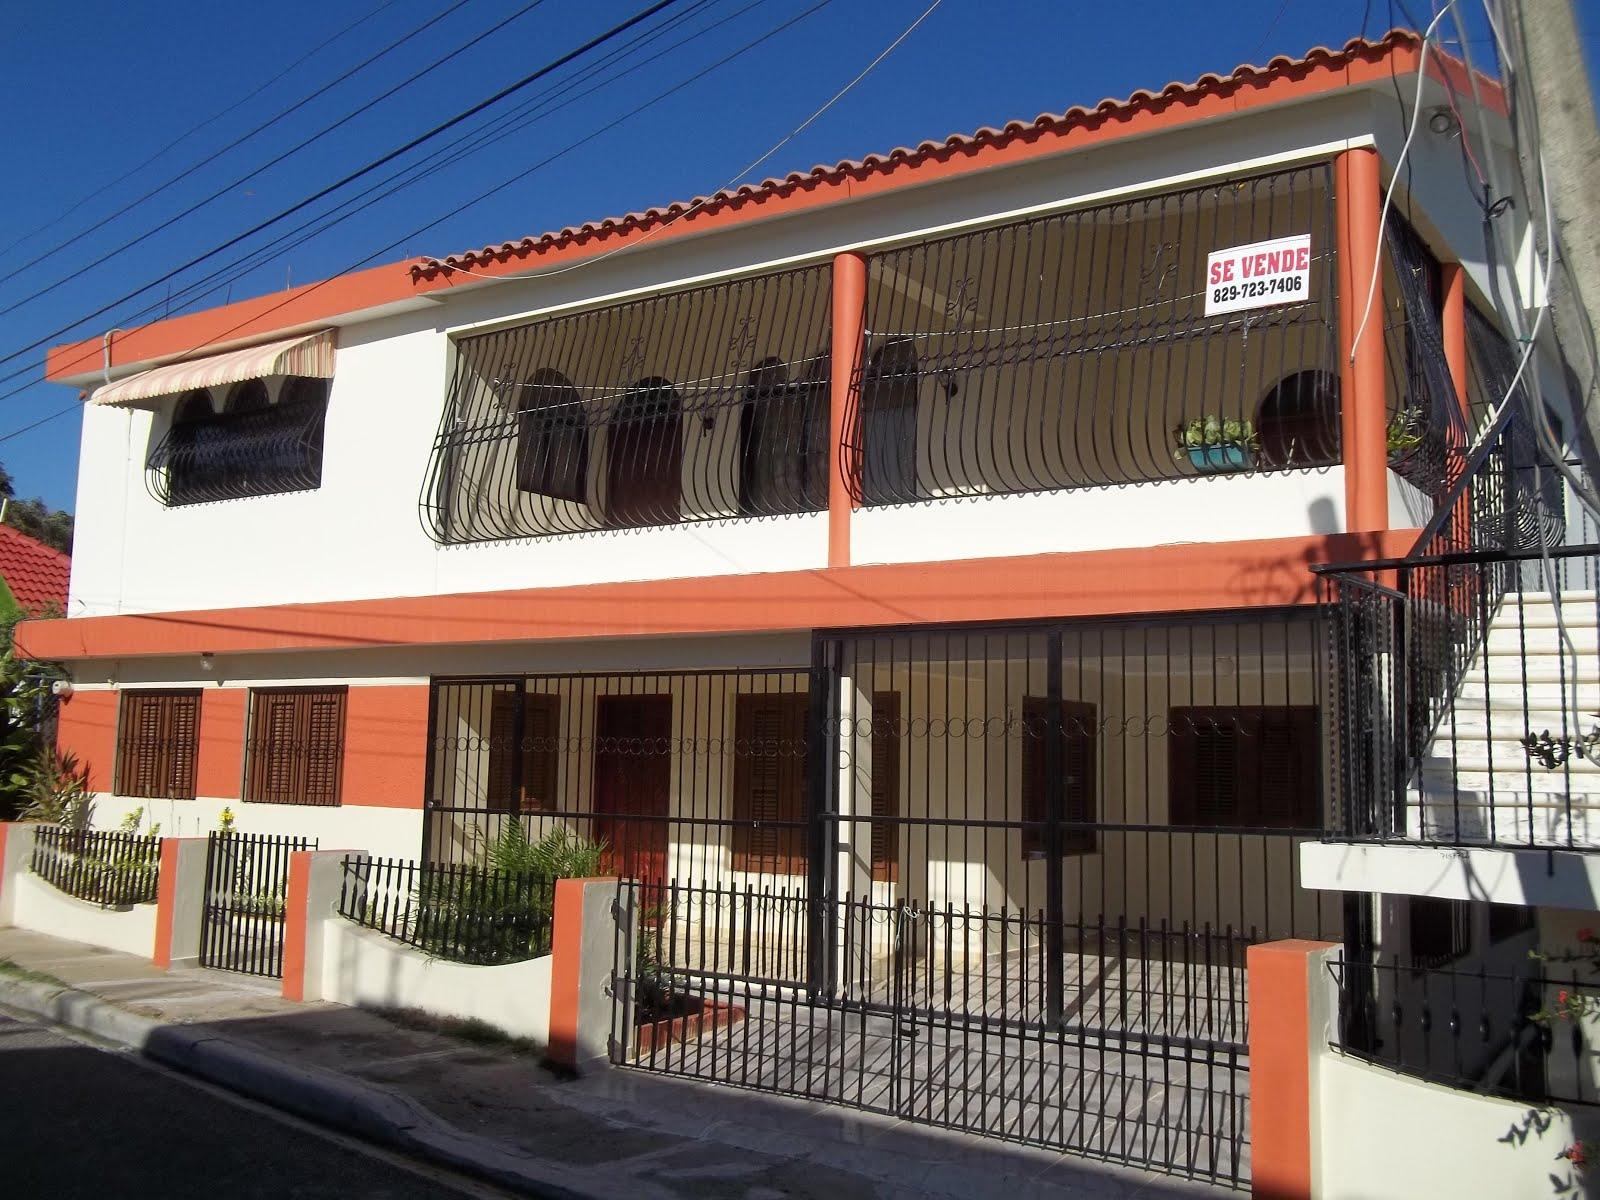 Se vende esta casa www inversionesglobal com - Se vende casa mallorca ...